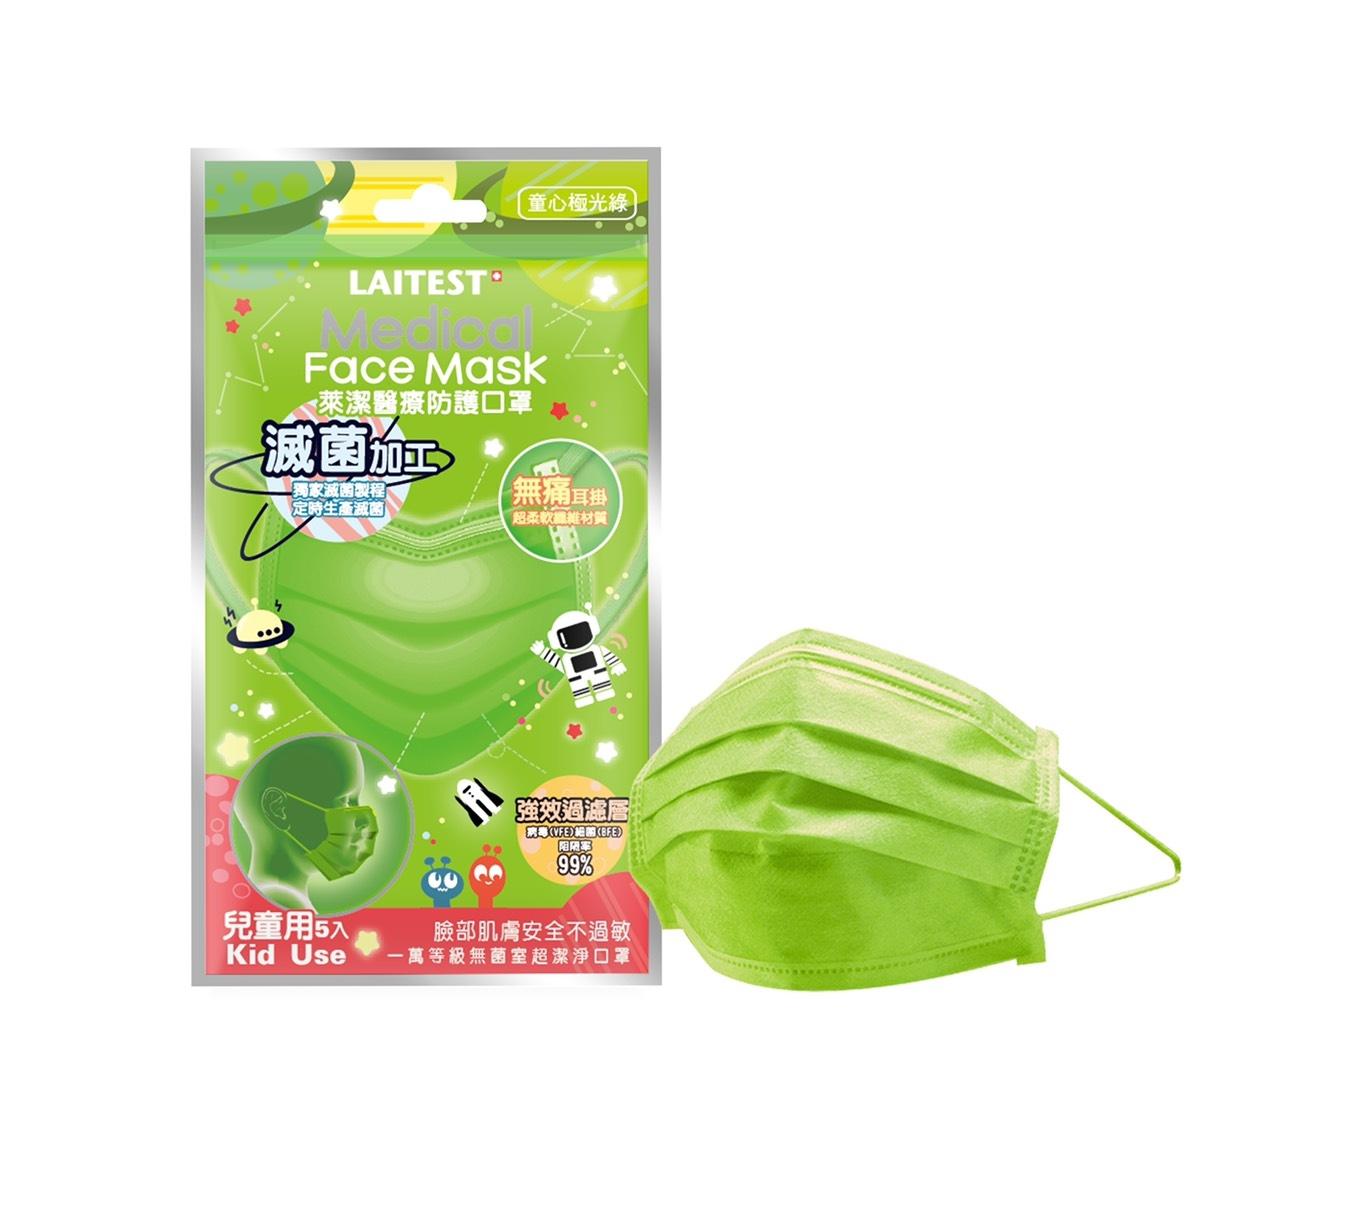 萊潔 LAITEST 醫療防護口罩(兒童) 極光綠- 5入袋裝